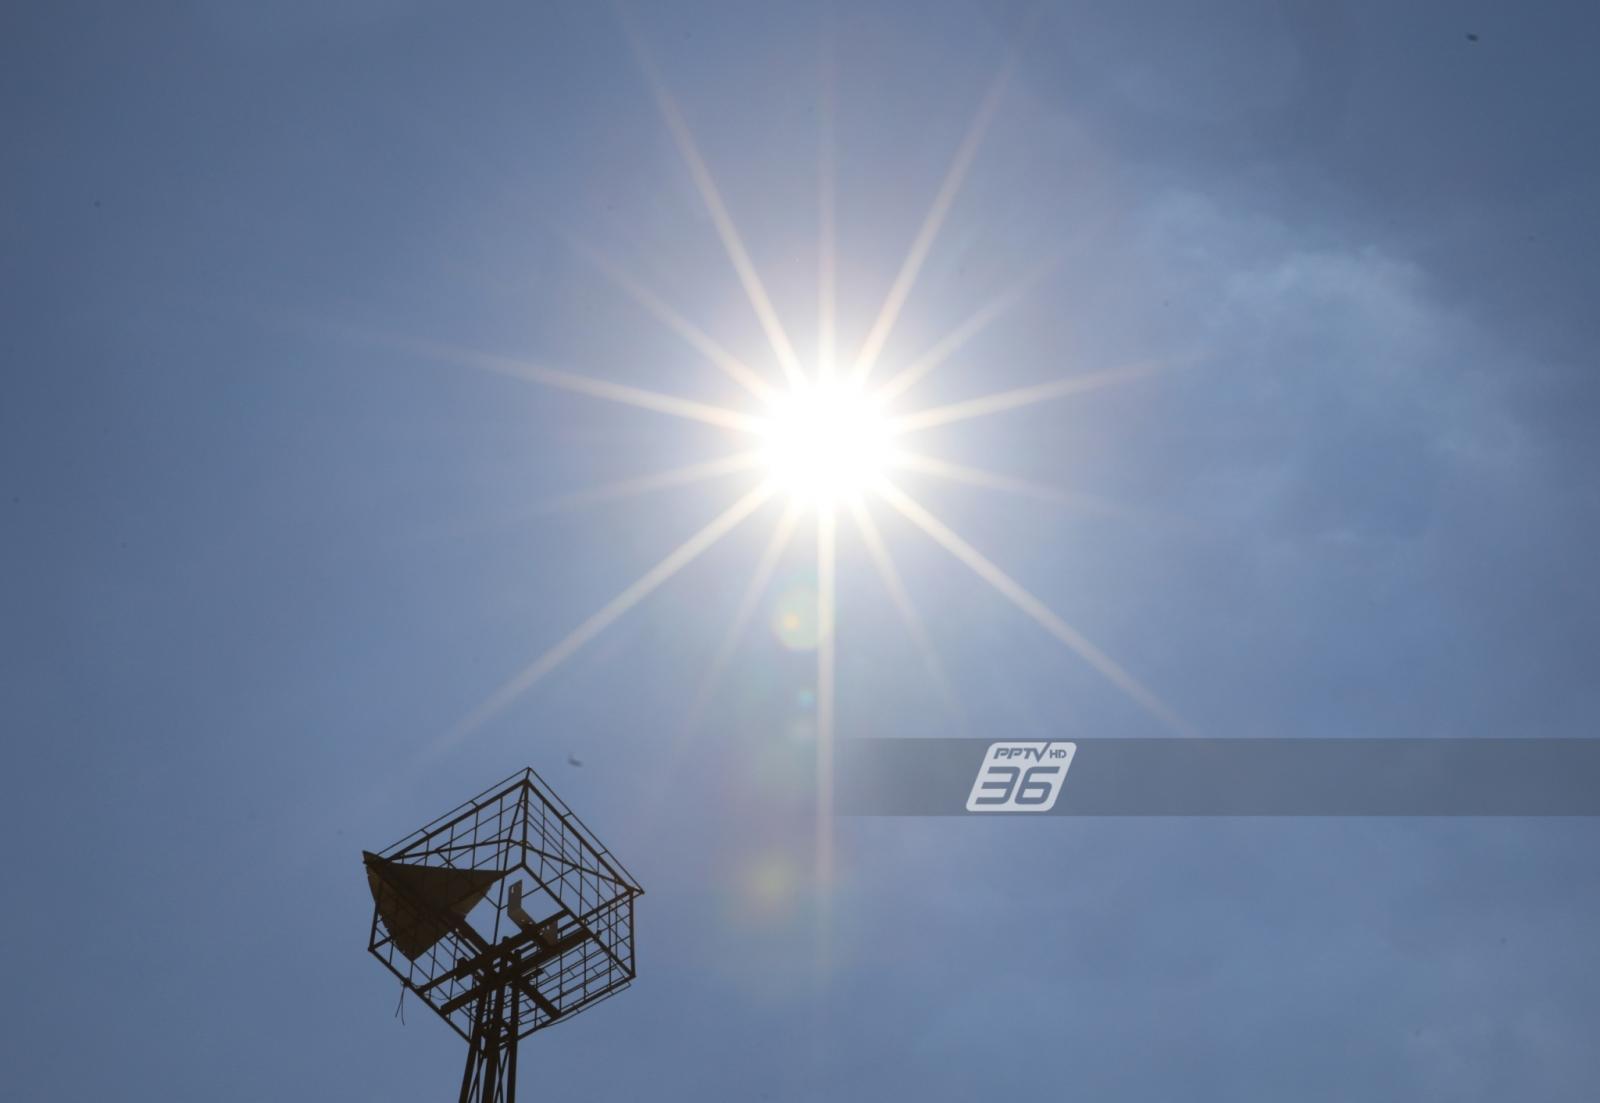 ร้อนตับแตก! วันนี้ ไทยอุณหภูมิสูงสุด 42 องศา - มีฝนเล็กน้อย